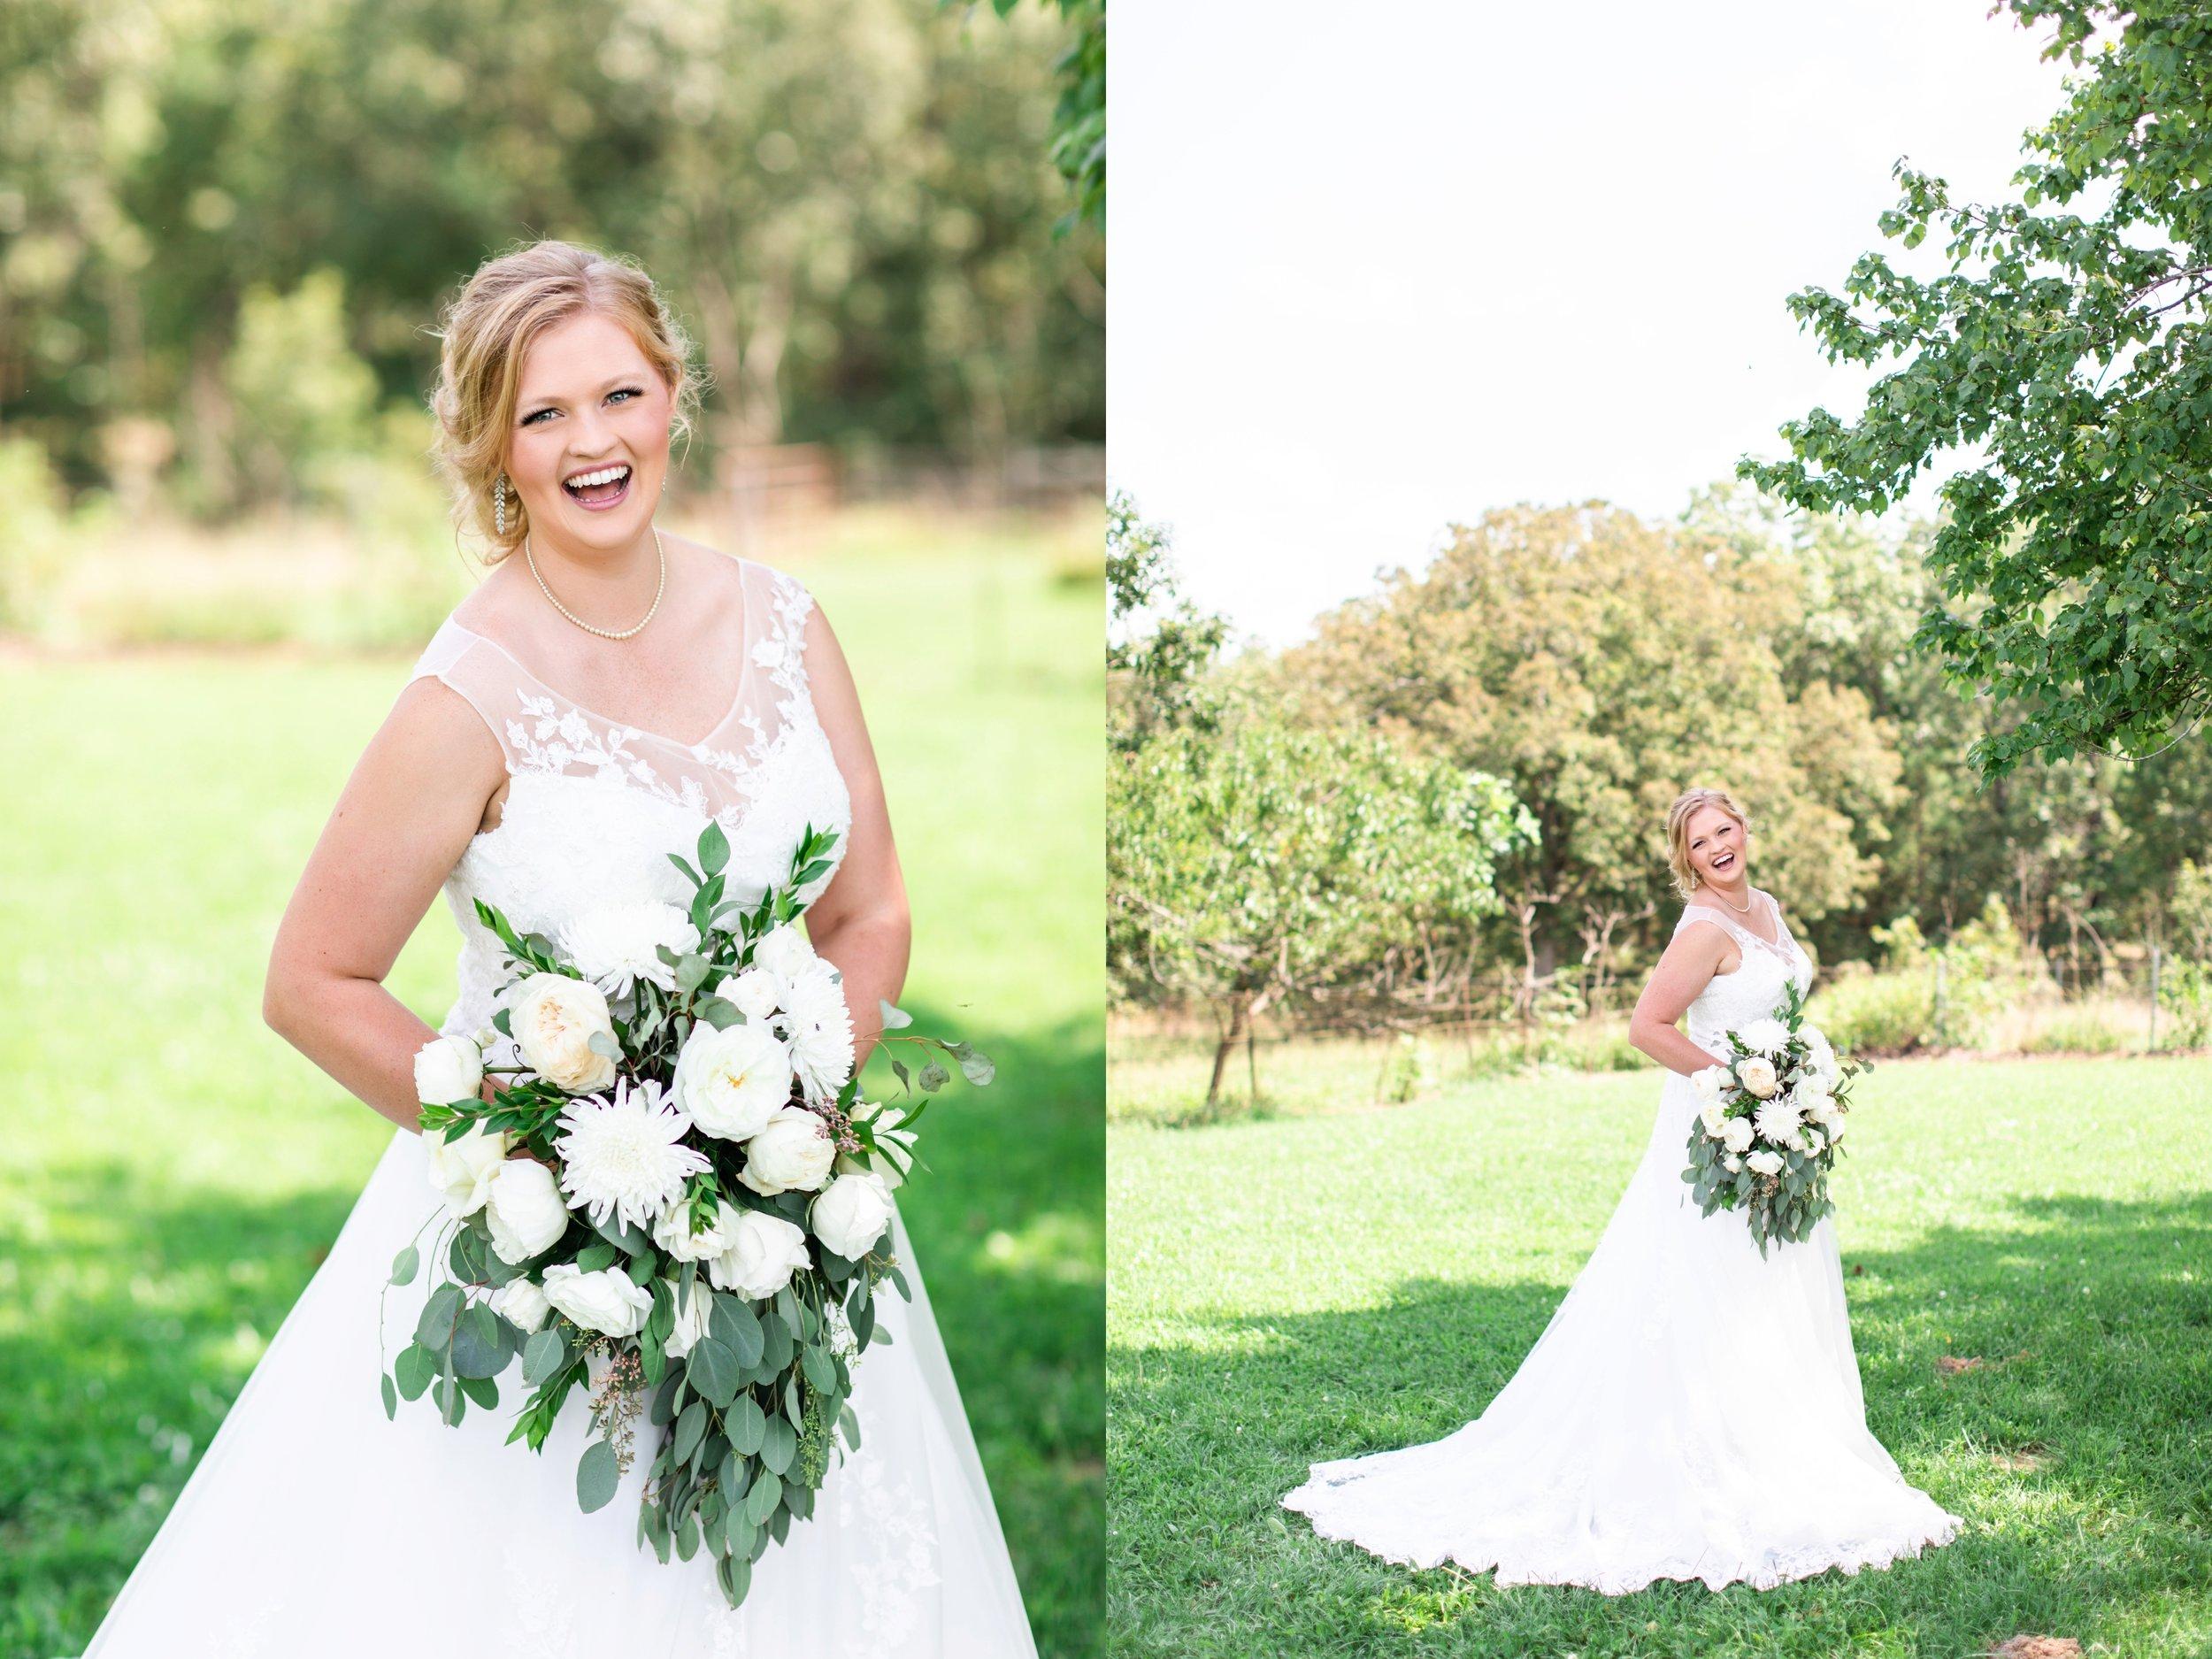 Oklahoma-Wedding-Photographer-WhitneyBrandWedding